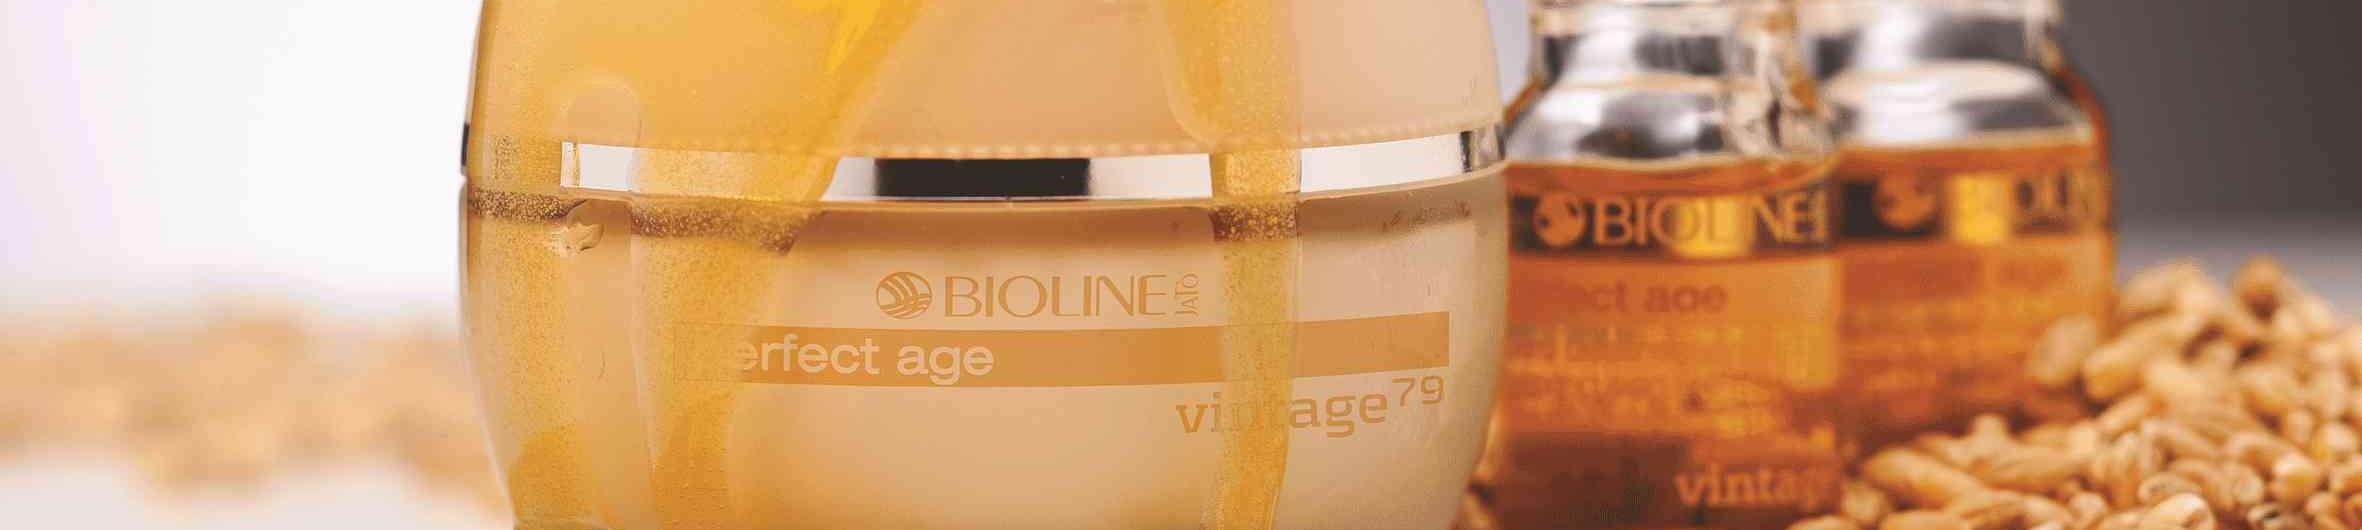 Bioline Vintage 79 PerfectAge